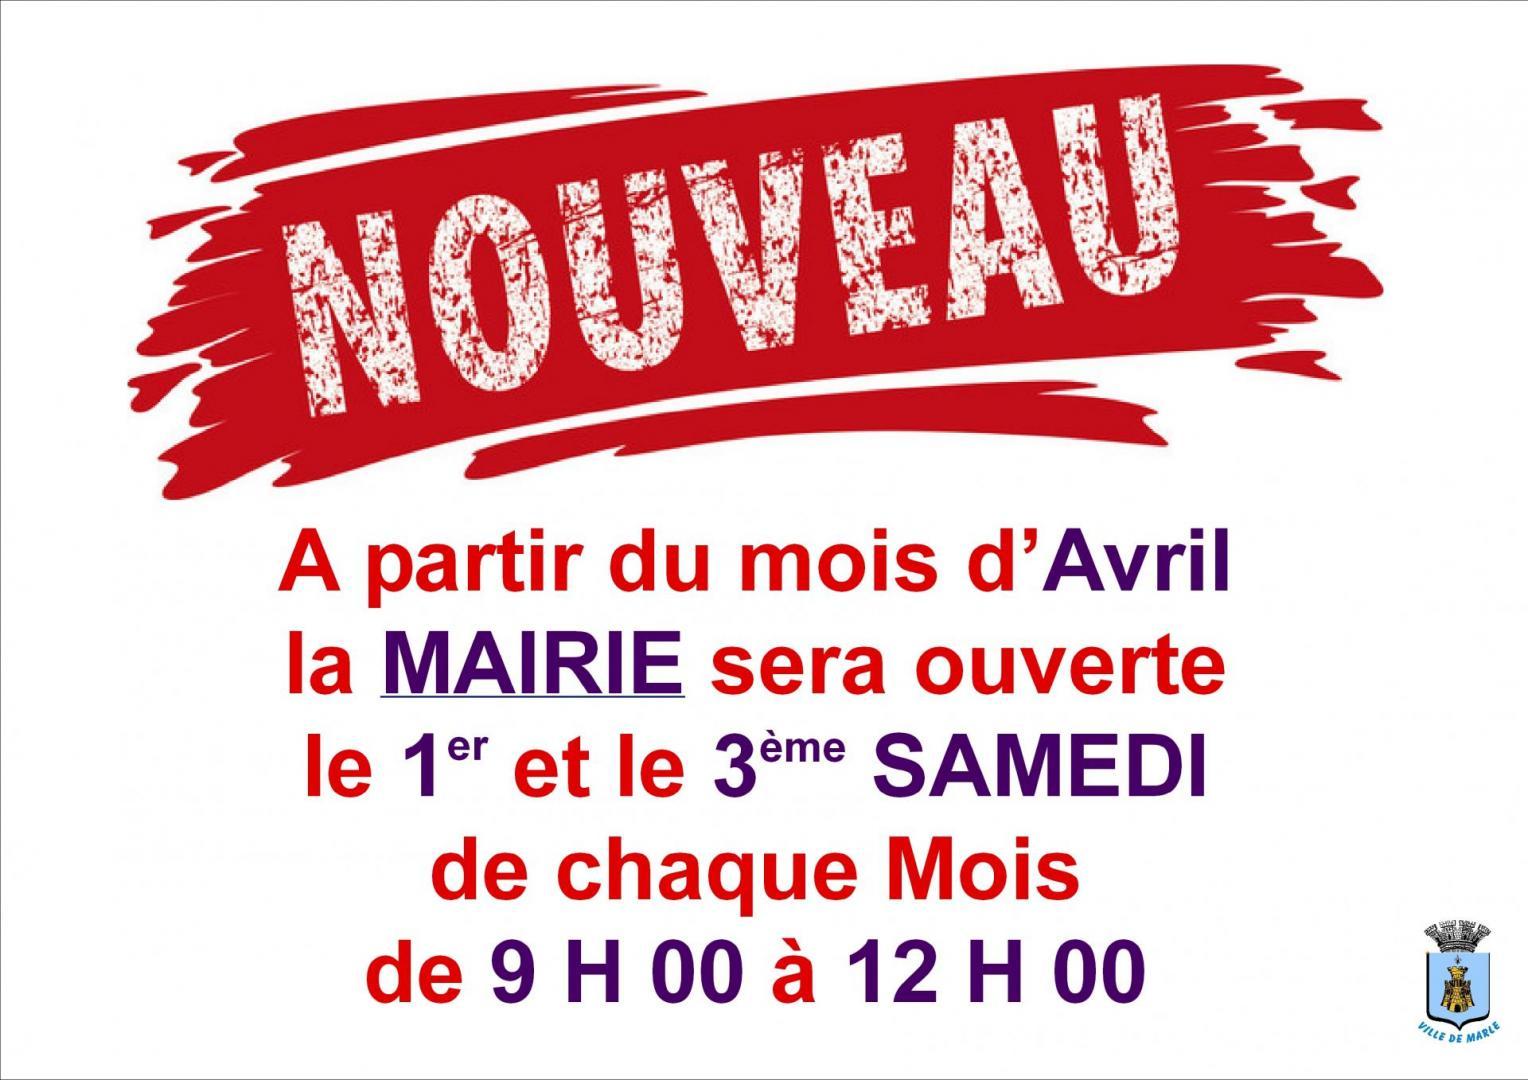 NOUVEAU - OUVERTURE DE LA MAIRIE LE 1ER ET 3EME SAMEDI DU MOIS